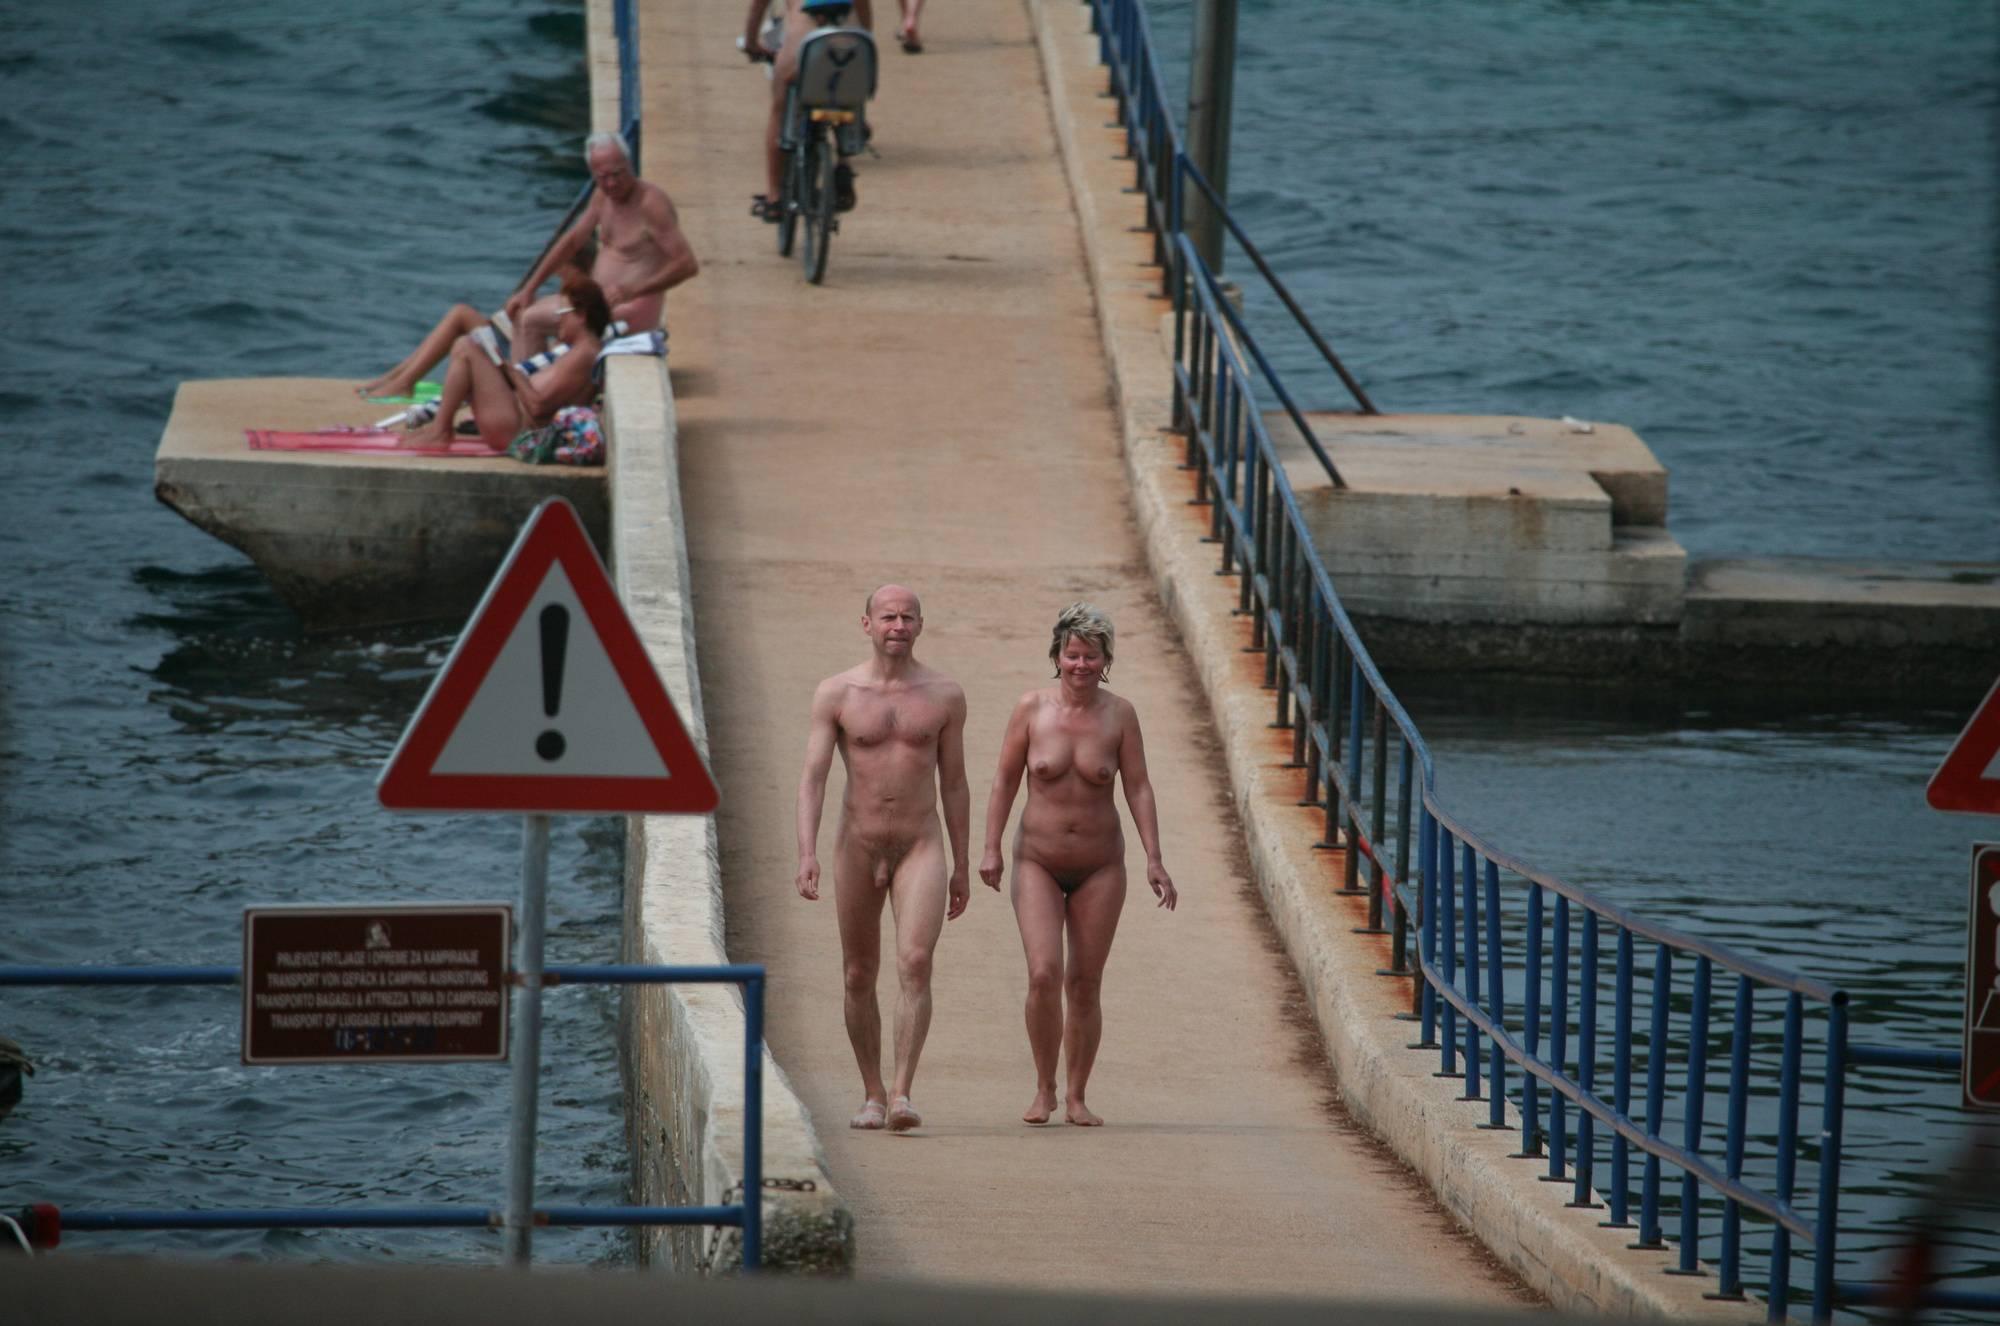 Pure Nudism Images-Crete FKK Bridge Crossing - 2